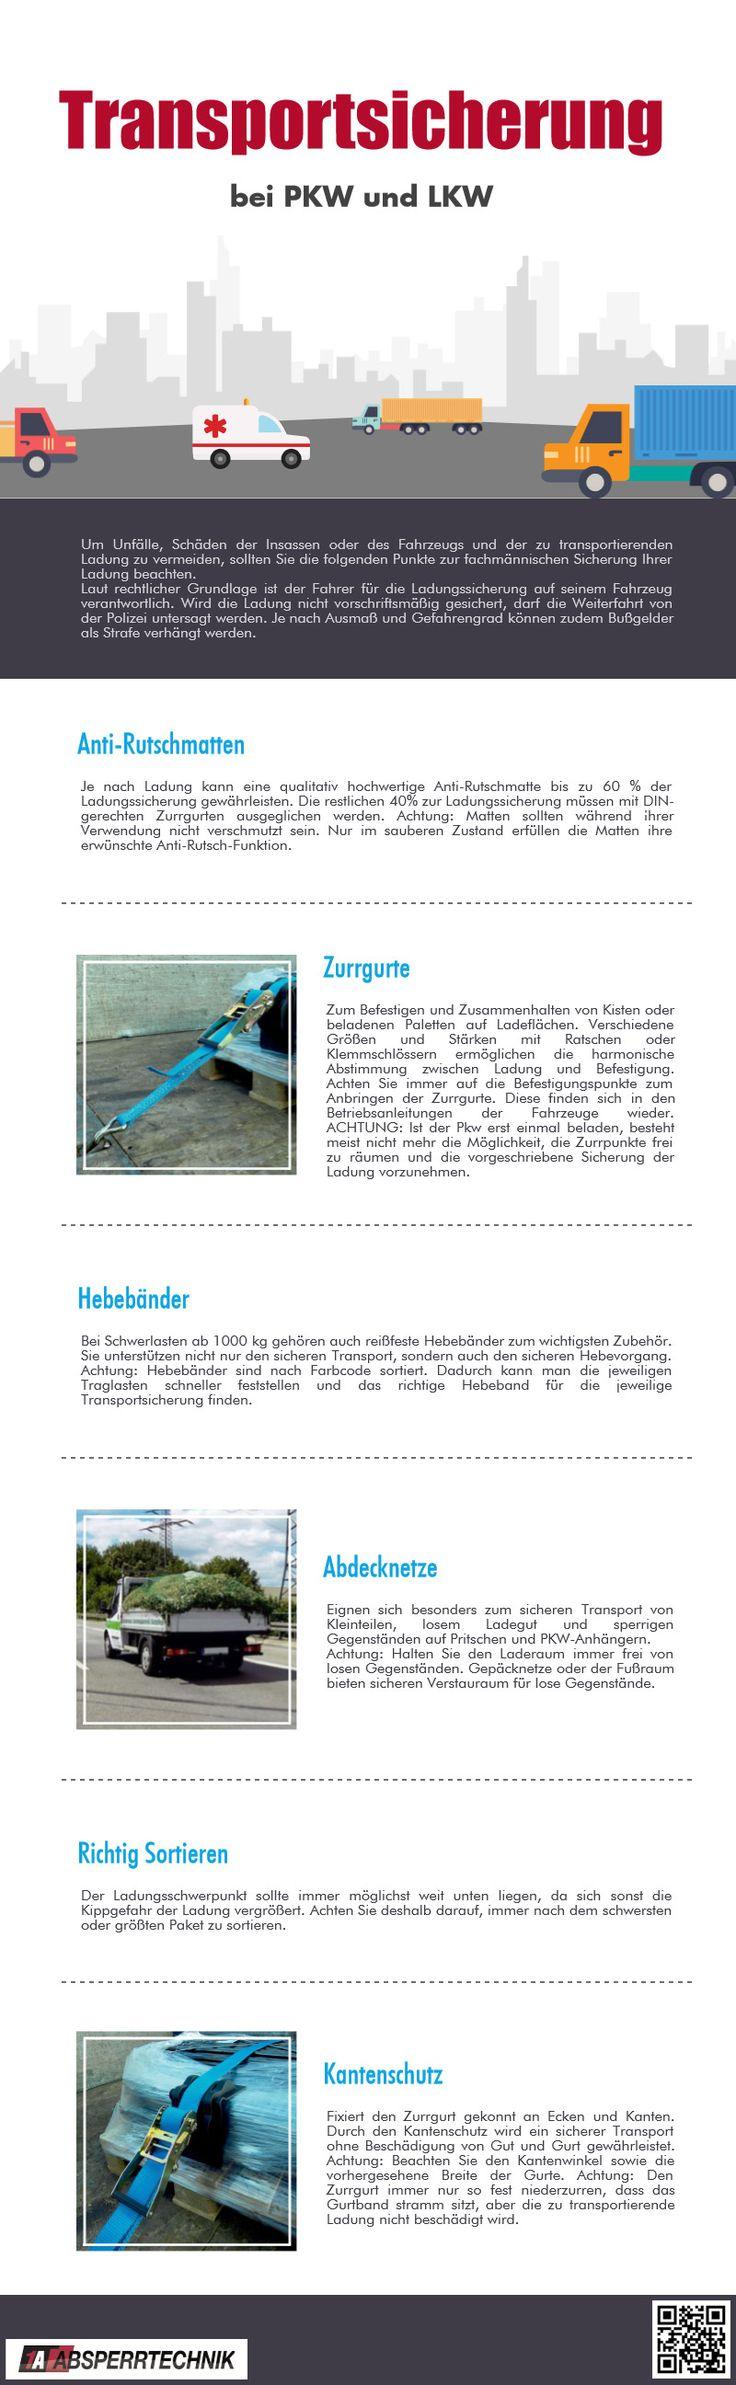 Infografik - Transportsicherung bei LKW und PKW #transportsicherung #transport #lkw #1aabsperrtechnik